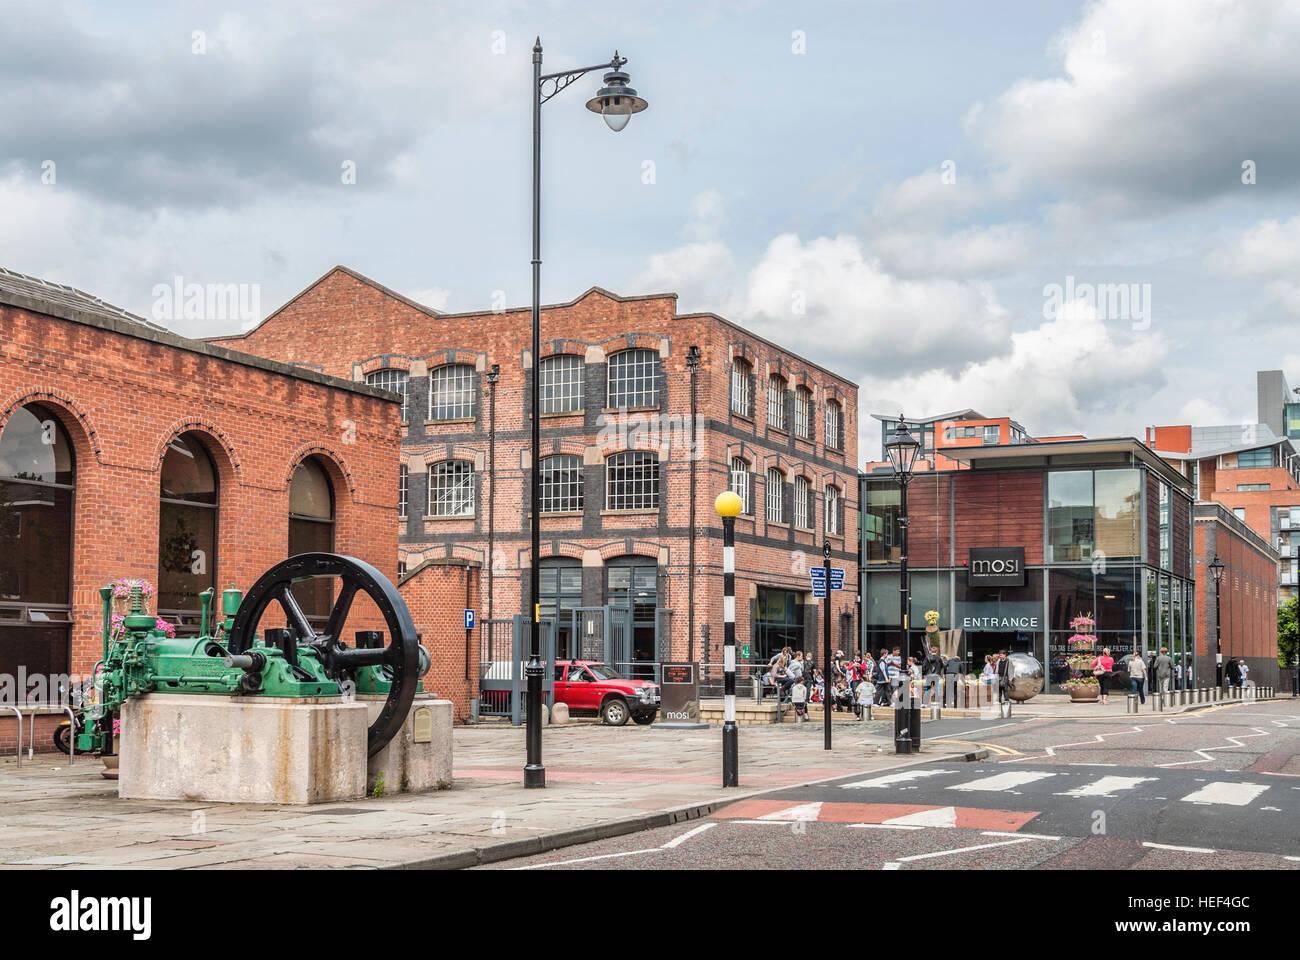 Le Musée des sciences et de l'industrie à Manchester (MOSI), situé à Manchester, Angleterre, Photo Stock